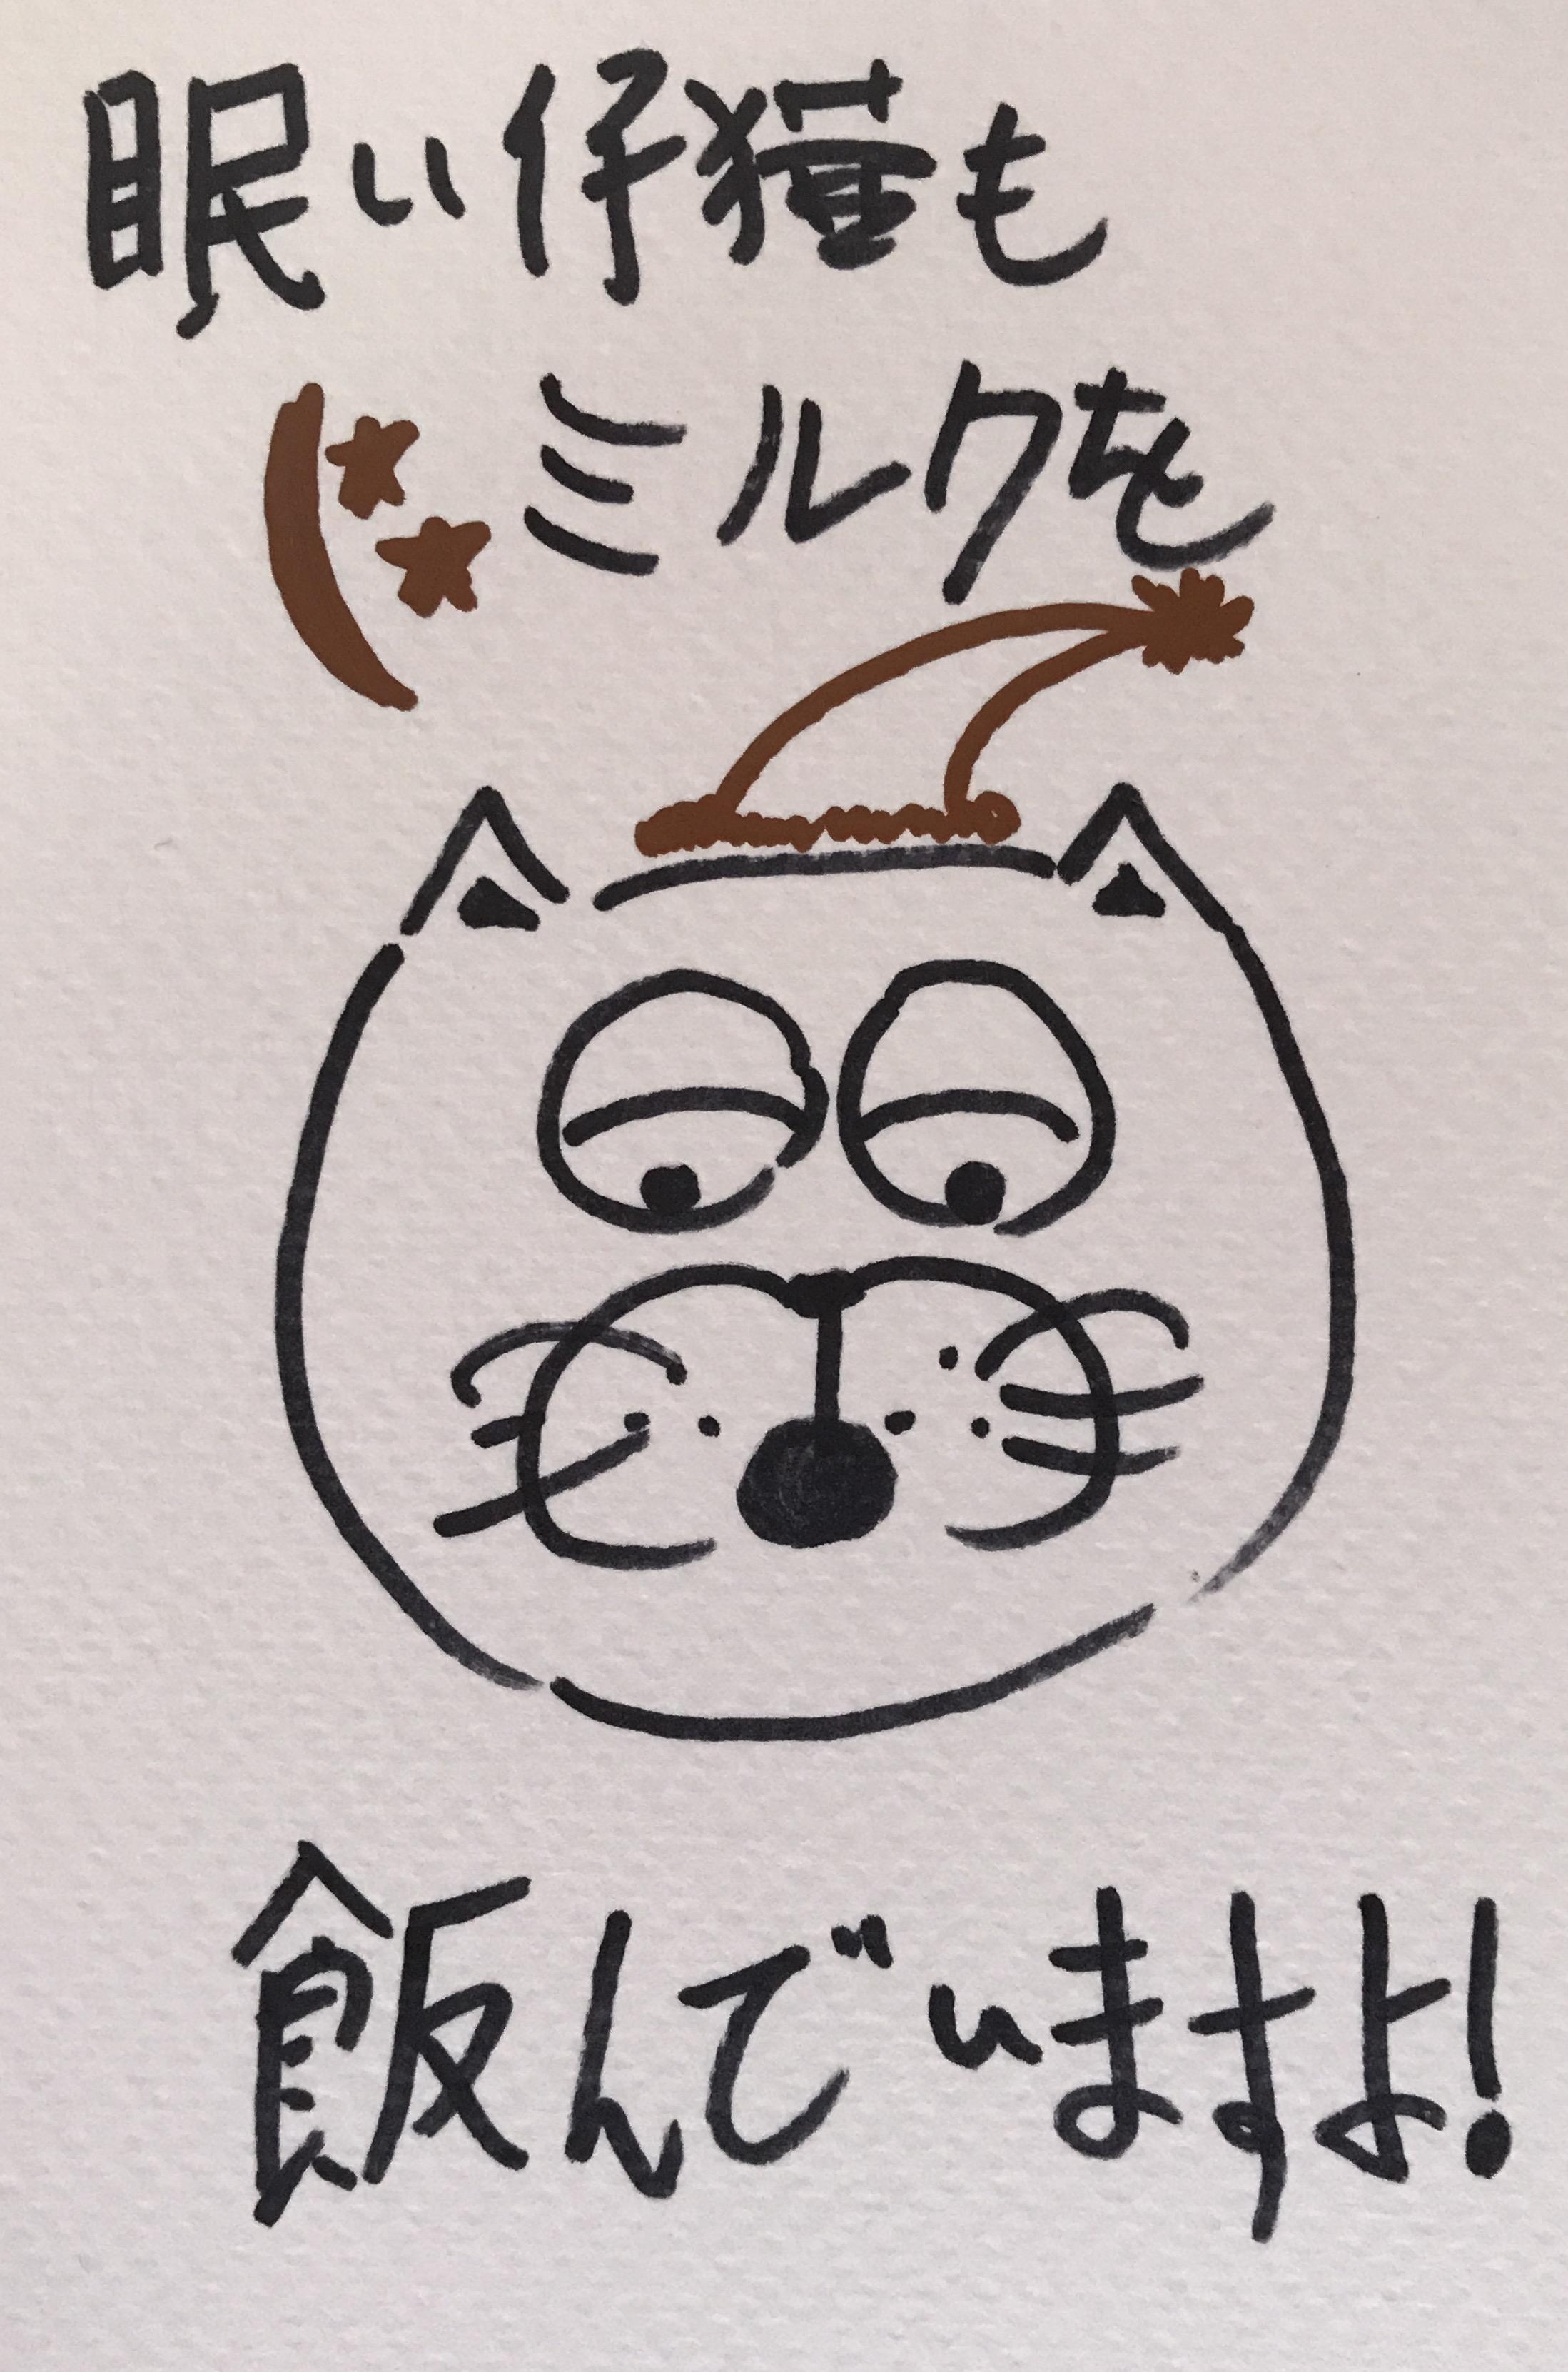 眠い仔猫さんは寝る前にミルクを飲んでいますよ かわいい ドイツ語 仔猫 描く コミックス comics kitten kätzchen drawing ink